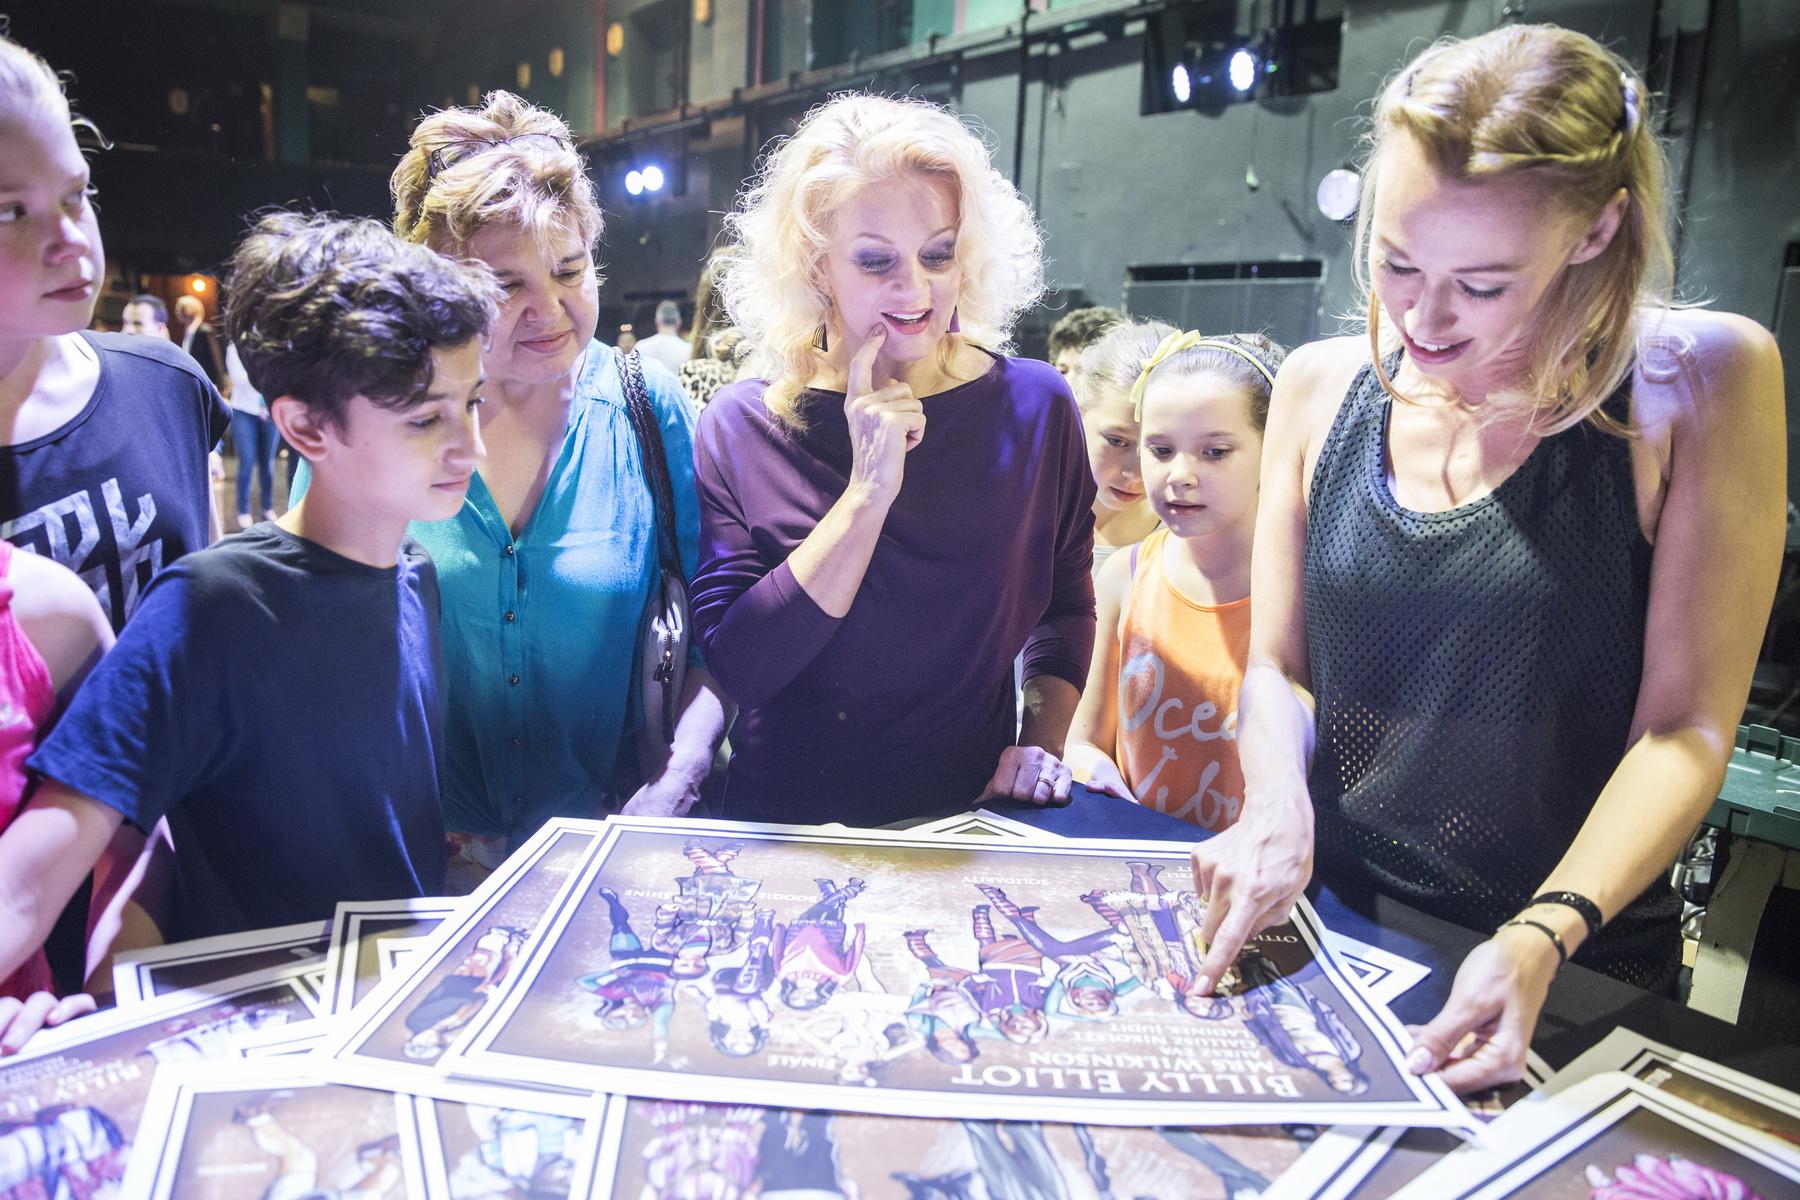 Ladinek Judit kozepen es Gallusz Nikolett jobbra Billy Elliot a Musical sajtotajekoztato foto Palyi Zsofia